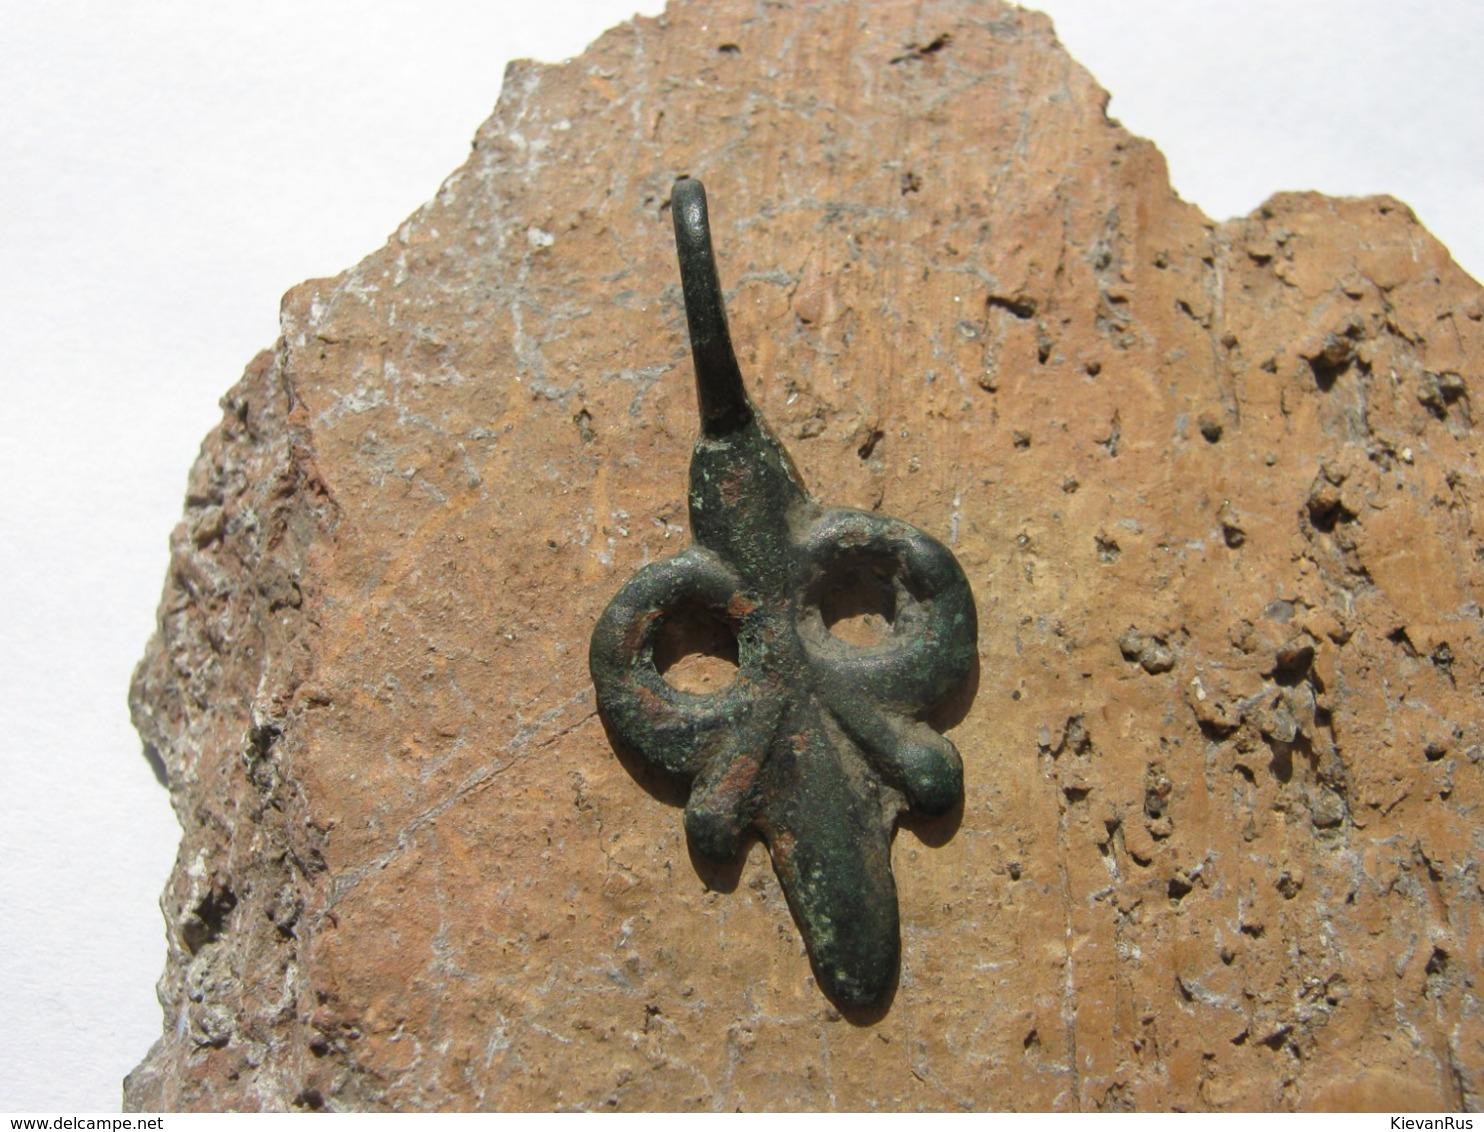 Ancient Vikings Bronze Amulet Decoration Of 9-11 Centuries - Archéologie